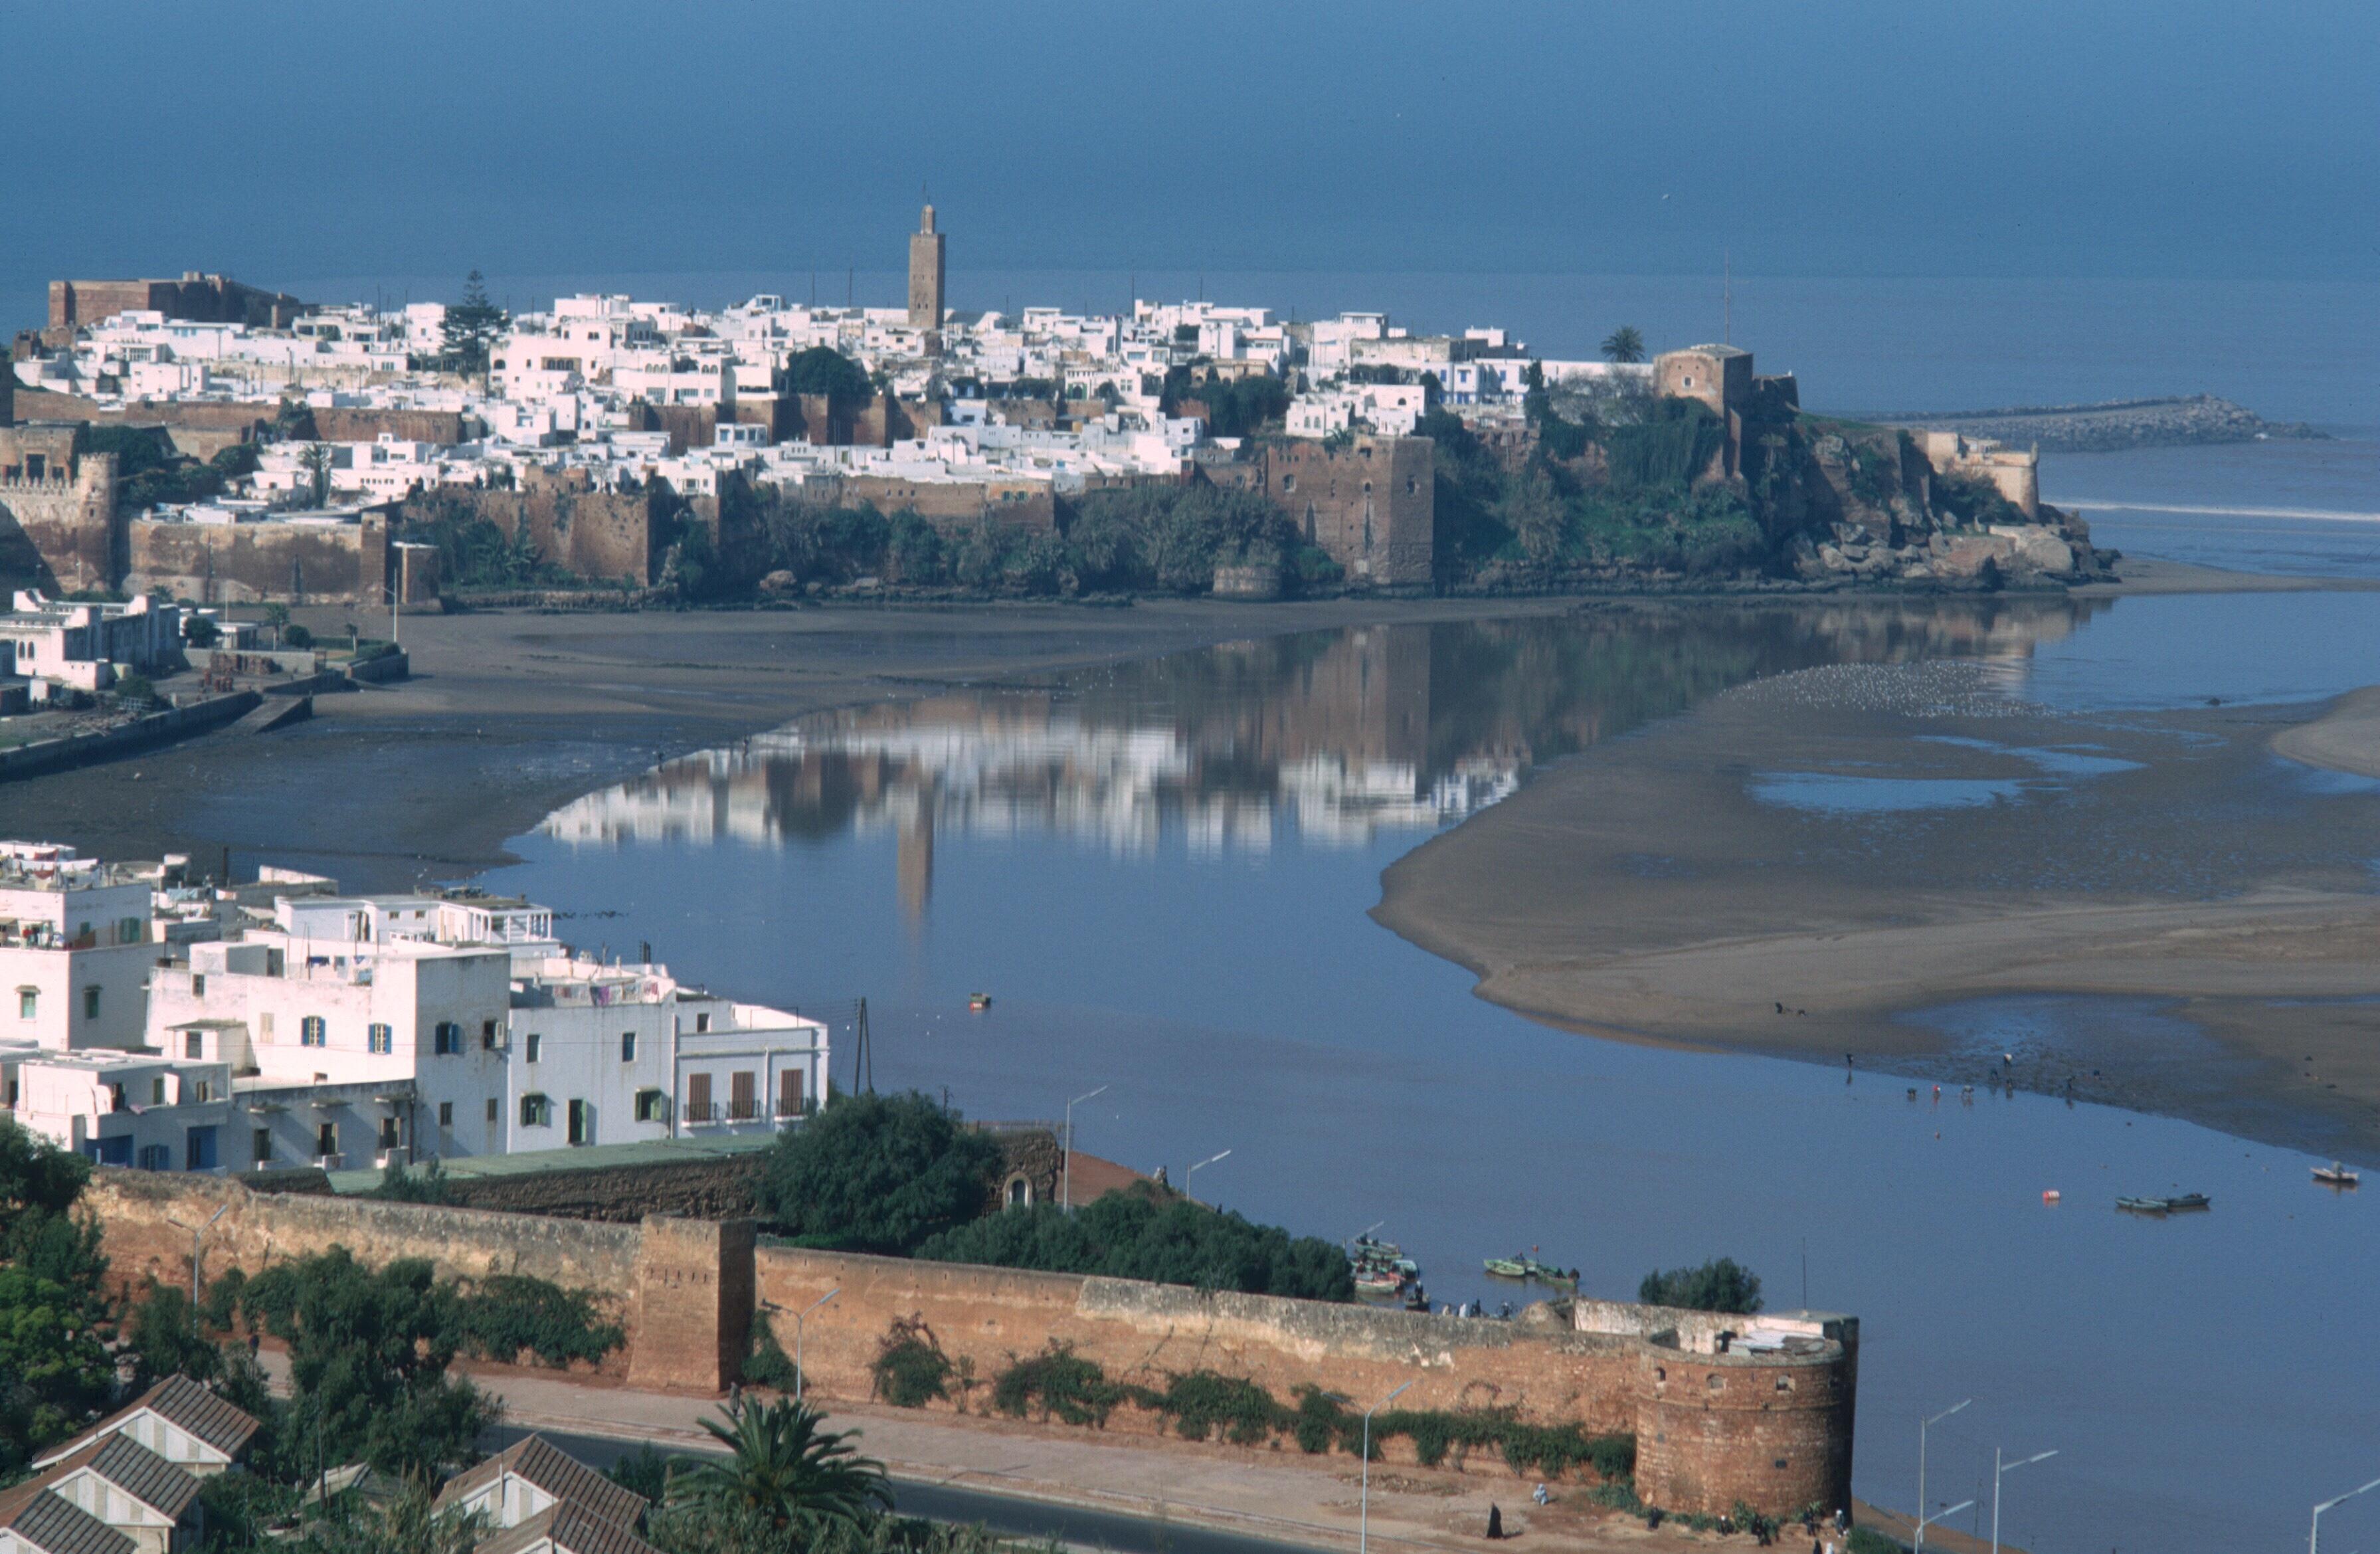 morocco qoudaia casbah tour hassan pano copy